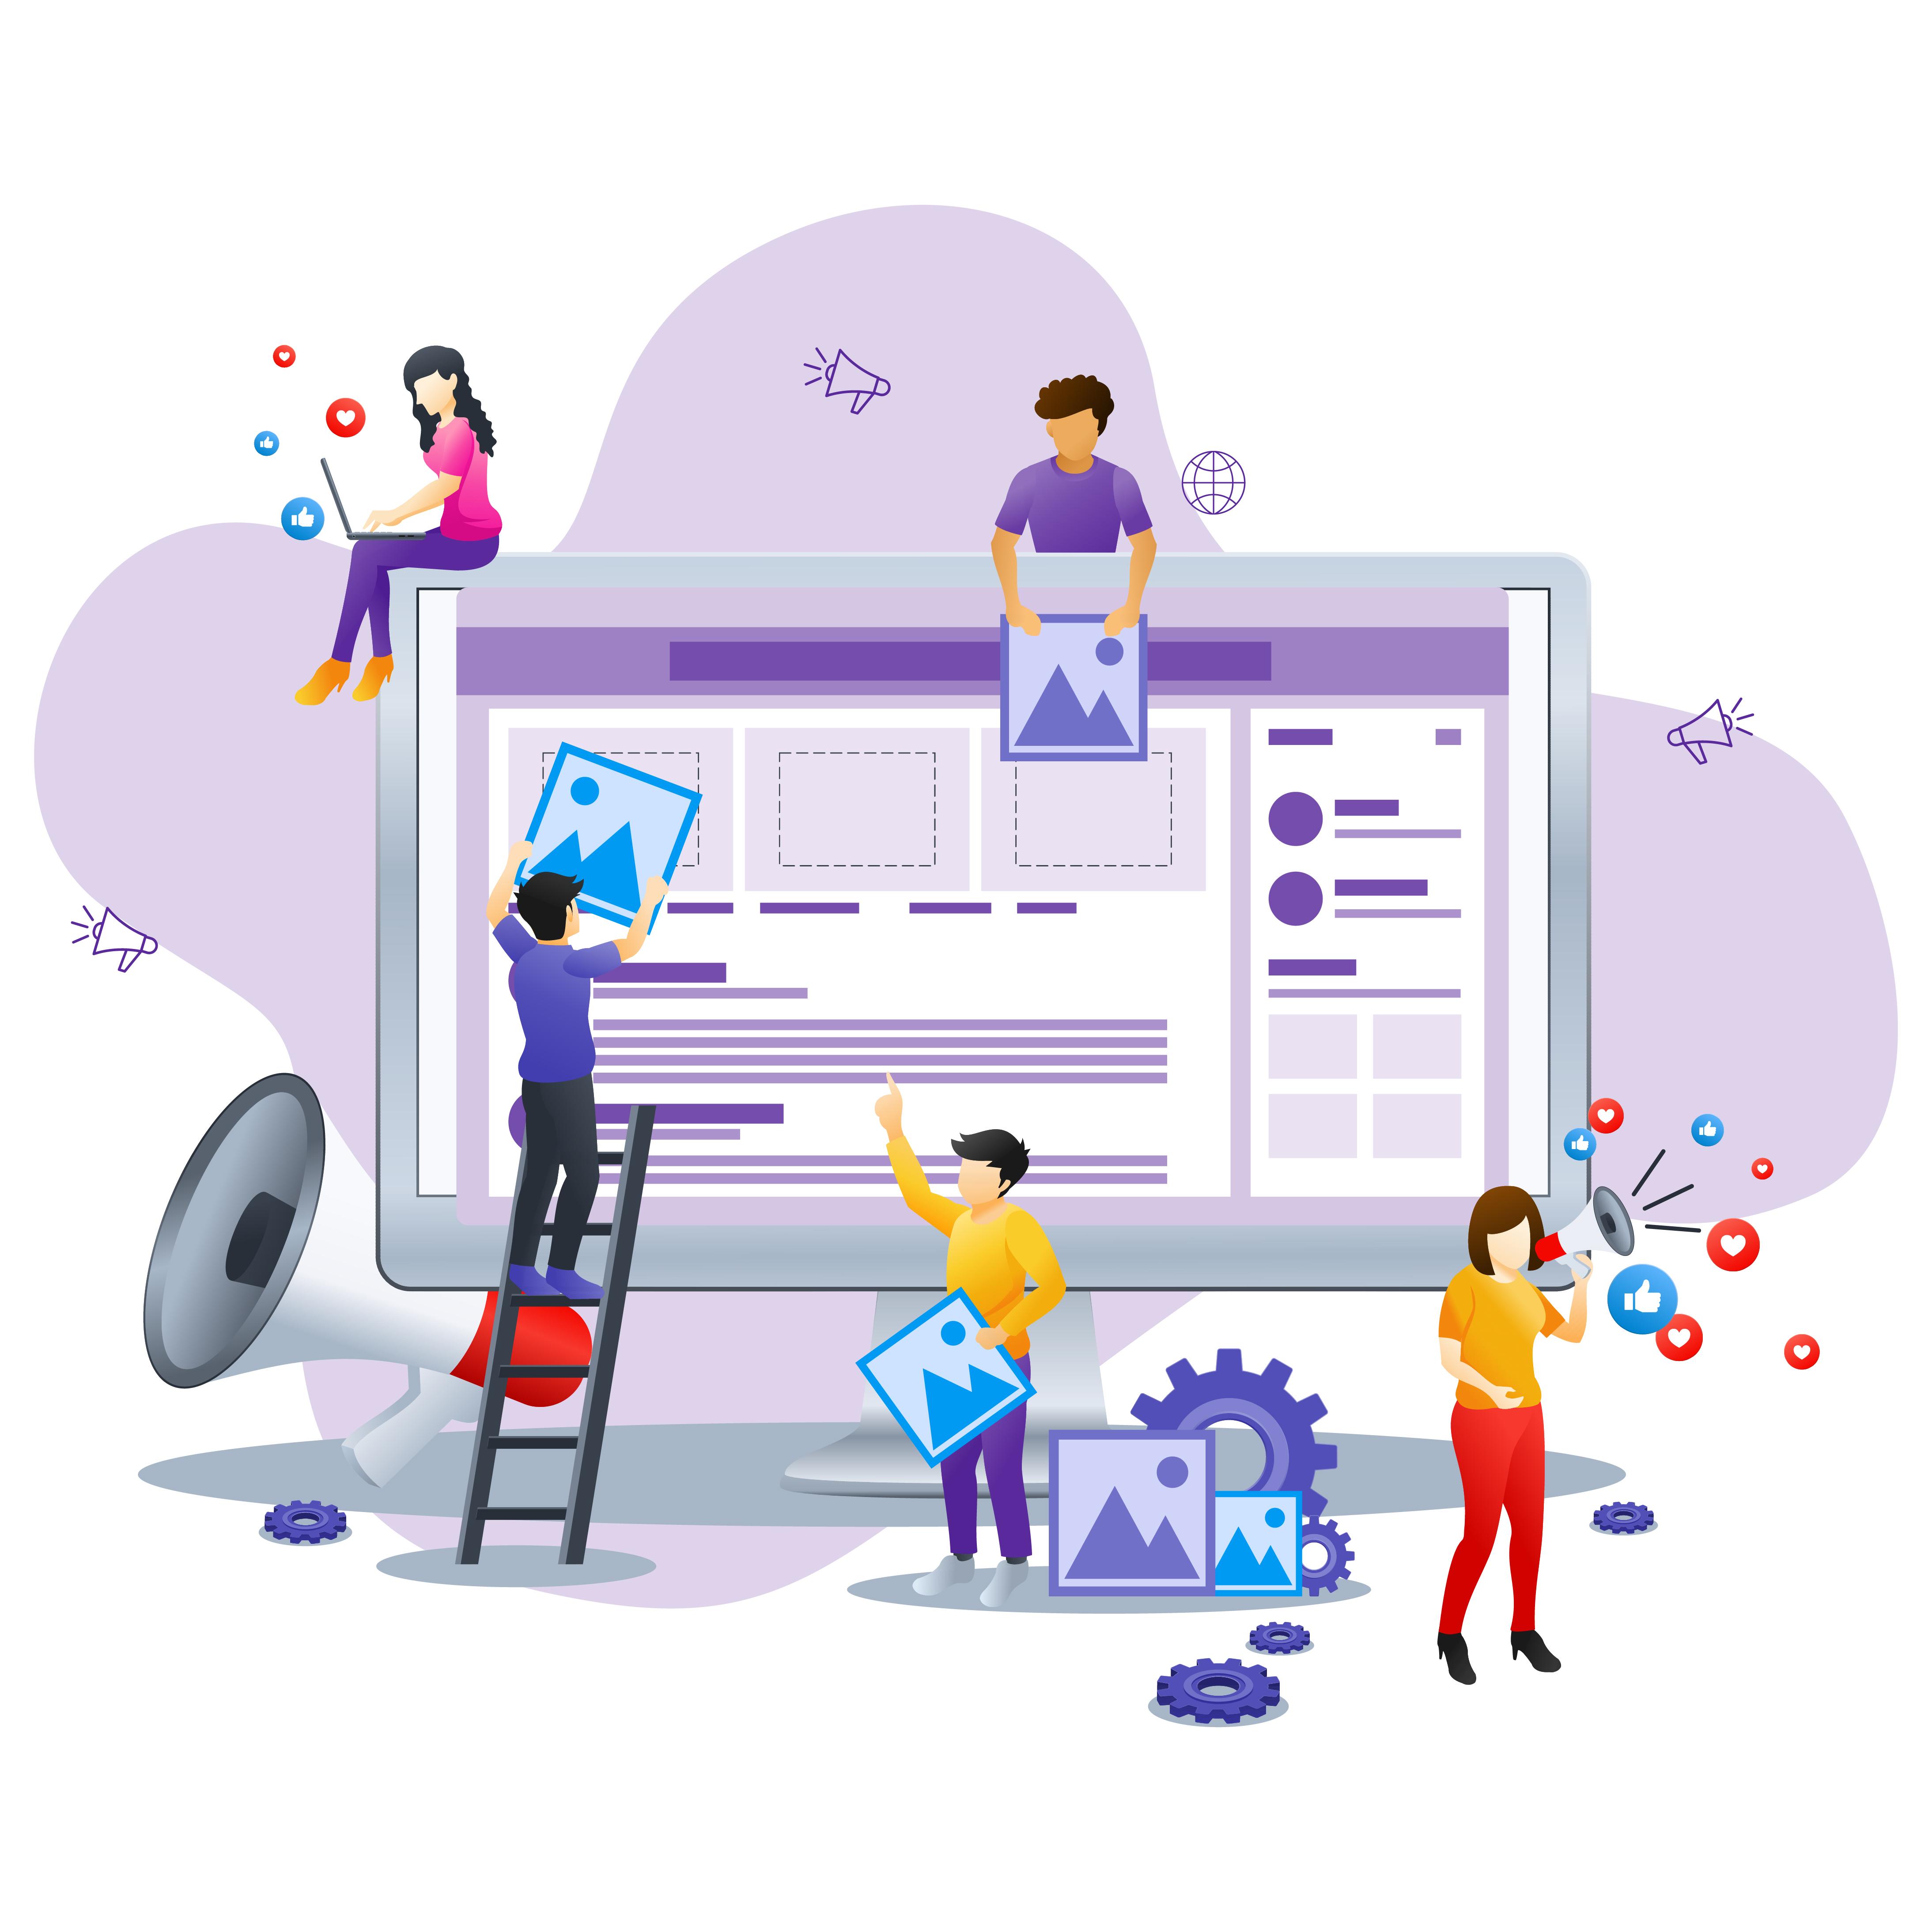 Beanstalk Growth Marketing - Online Marketing